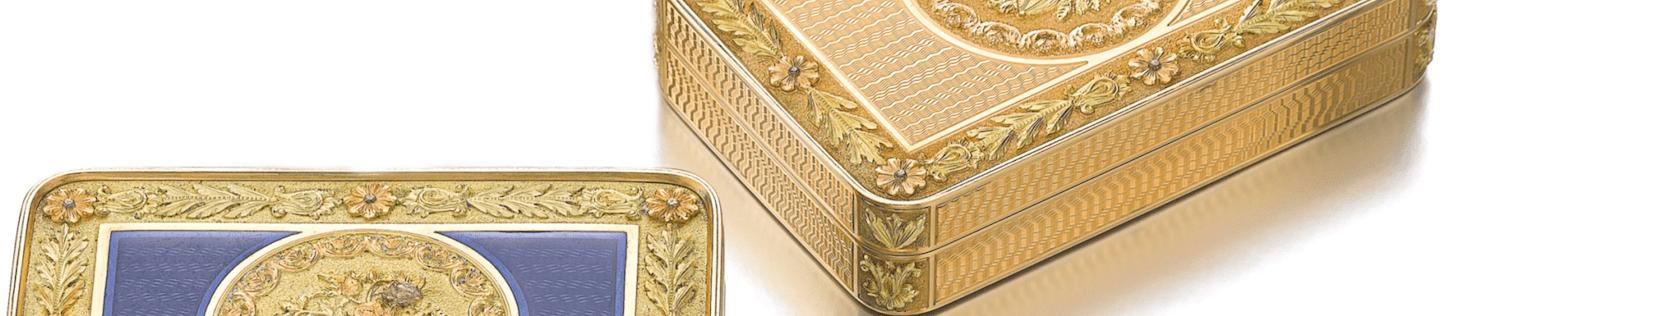 Antique caskets